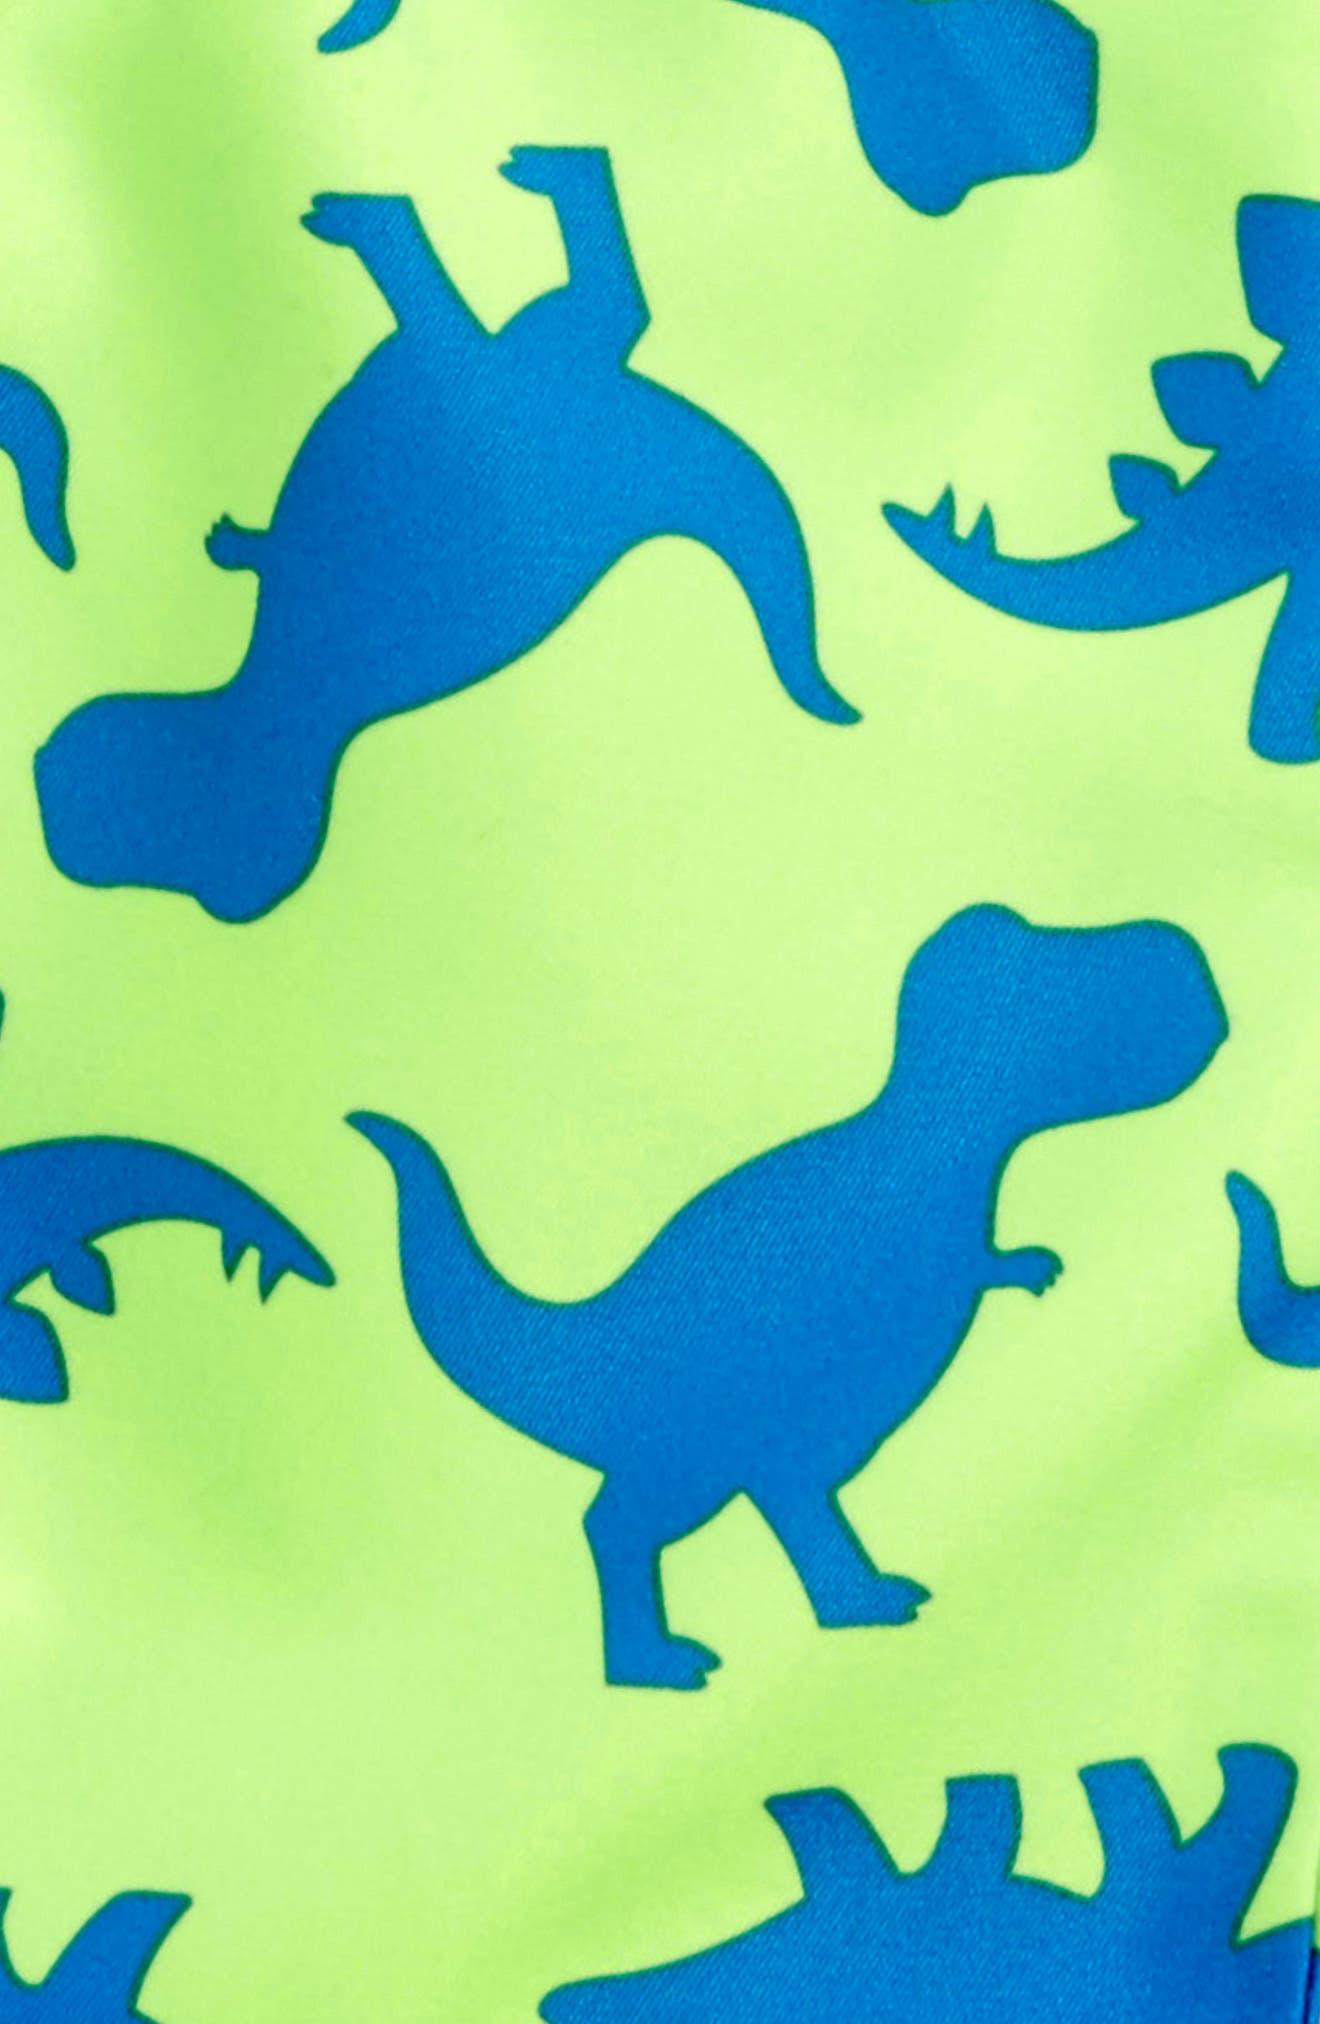 Dino UPF 50+ Swim Trunks,                             Alternate thumbnail 2, color,                             399